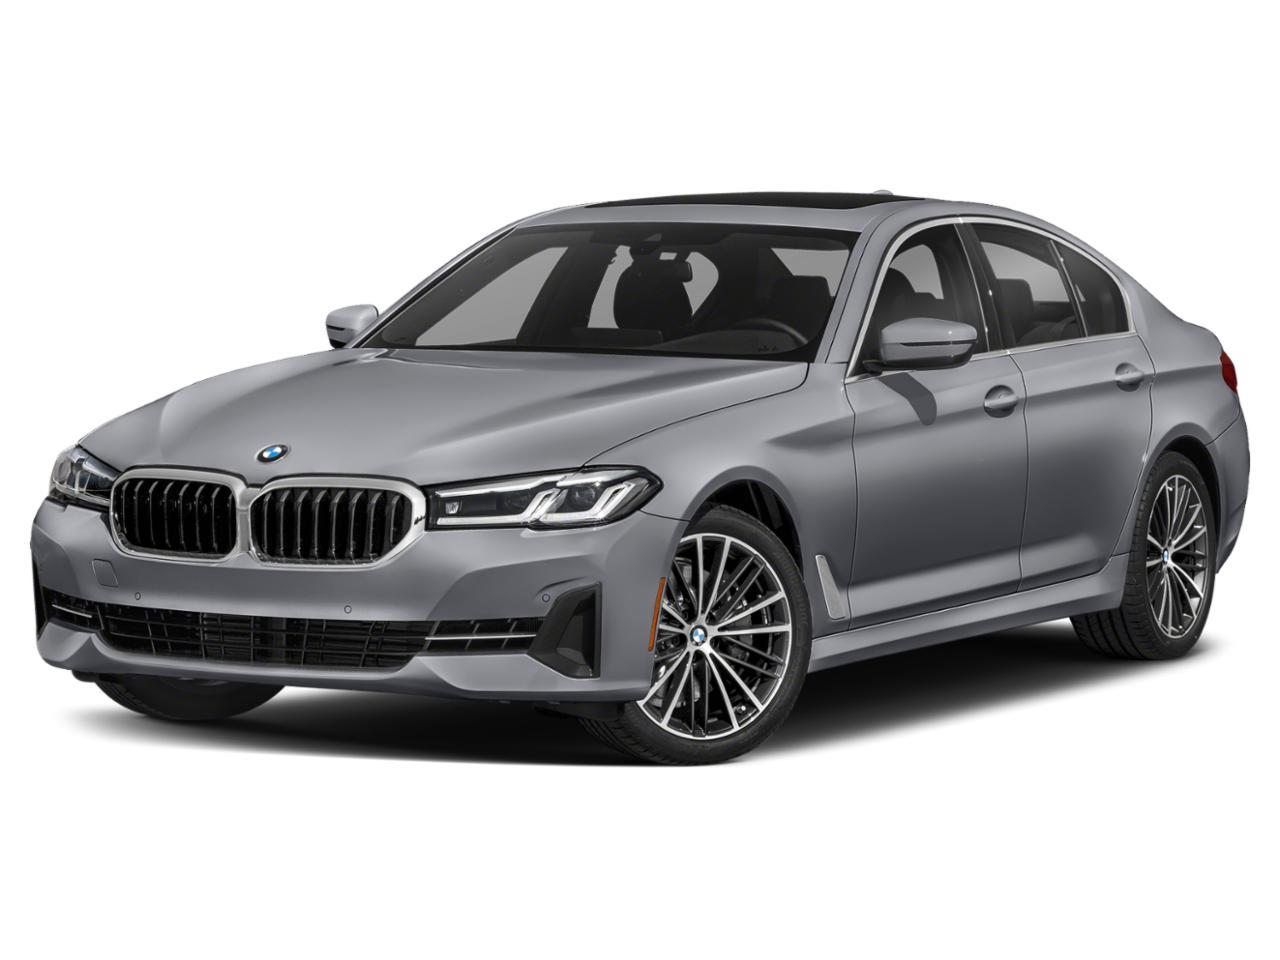 2021 BMW 540i xDrive Vehicle Photo in Grapevine, TX 76051